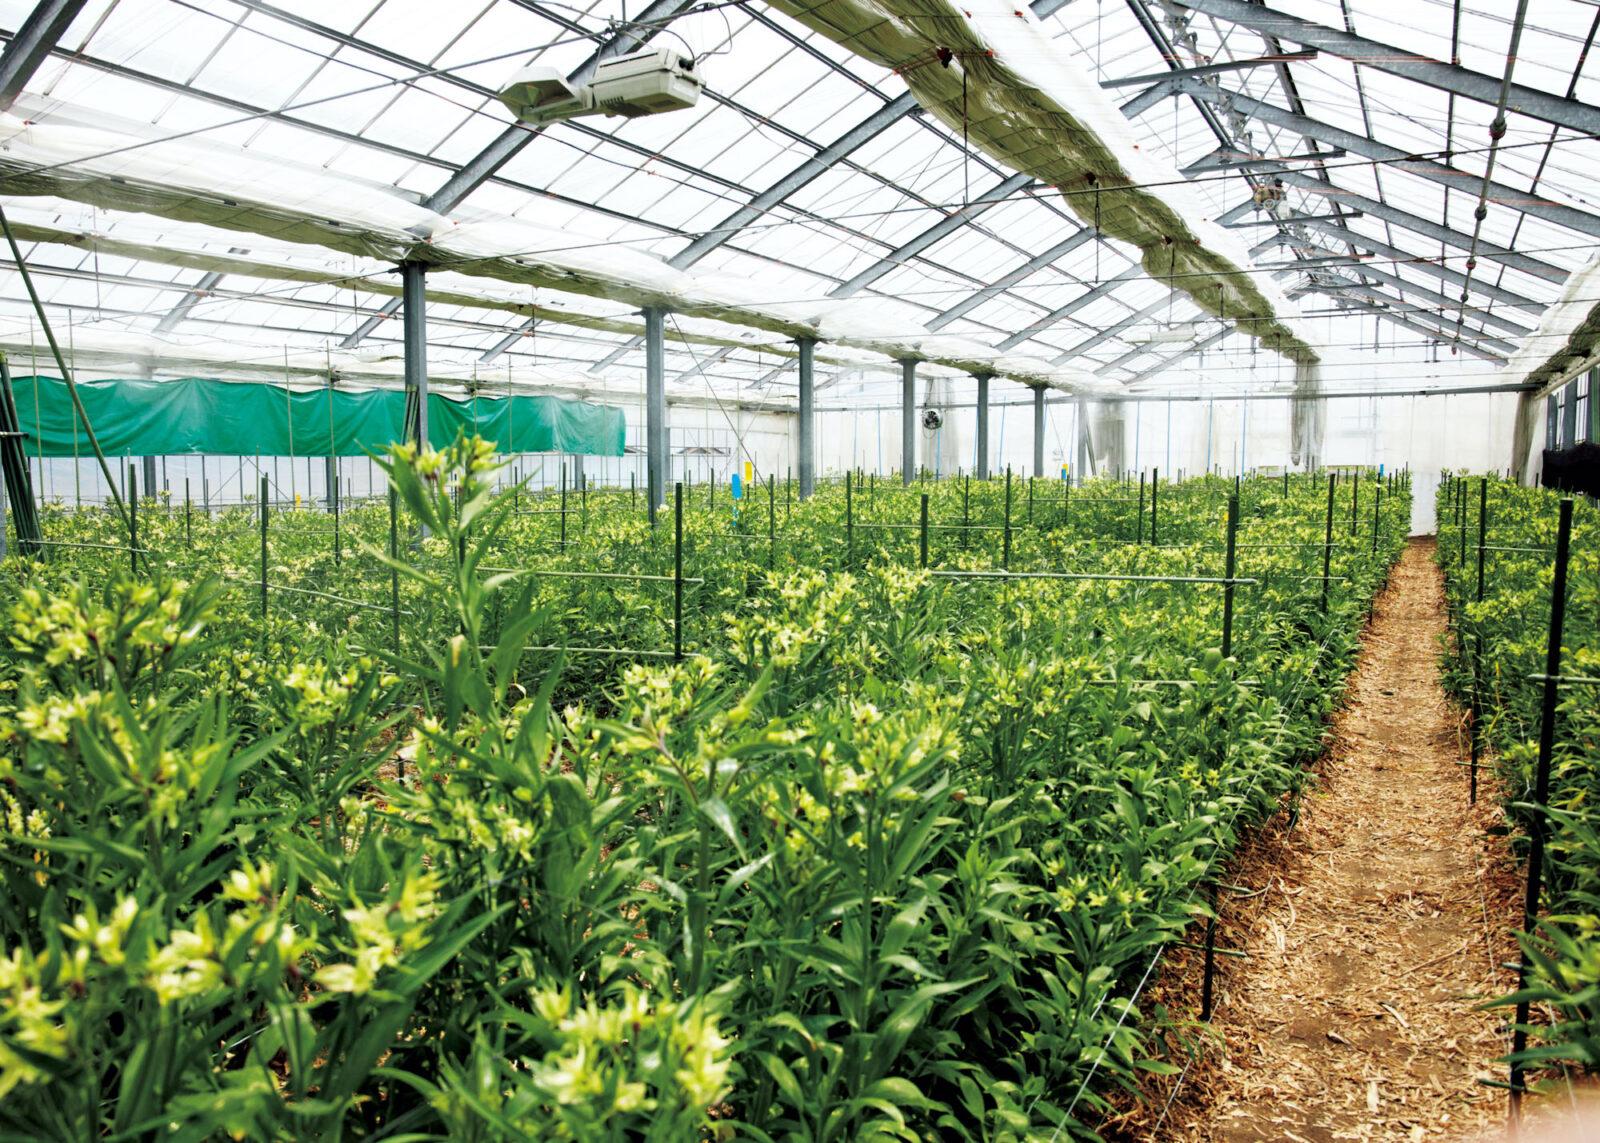 オリジナル品種、グリーンモジャが咲き誇るハウス内。そのネーミングにも、生産者の個性が出る。